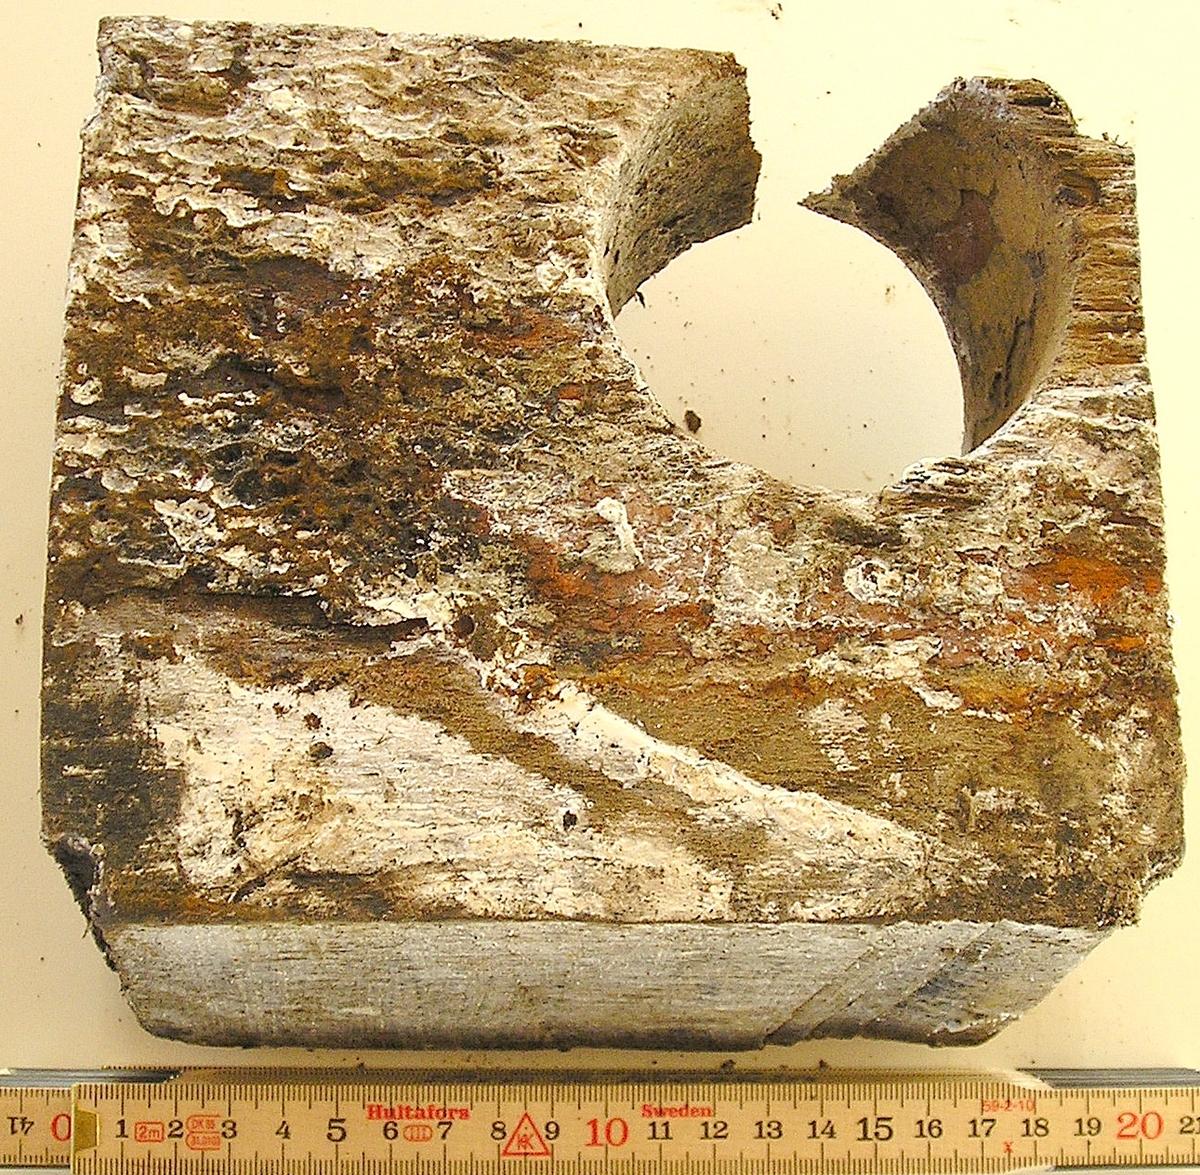 Utsågad del av bordläggningsplanka.  Biten har fyra borrspår och ett stort genomgående hål från tidigare dränering.